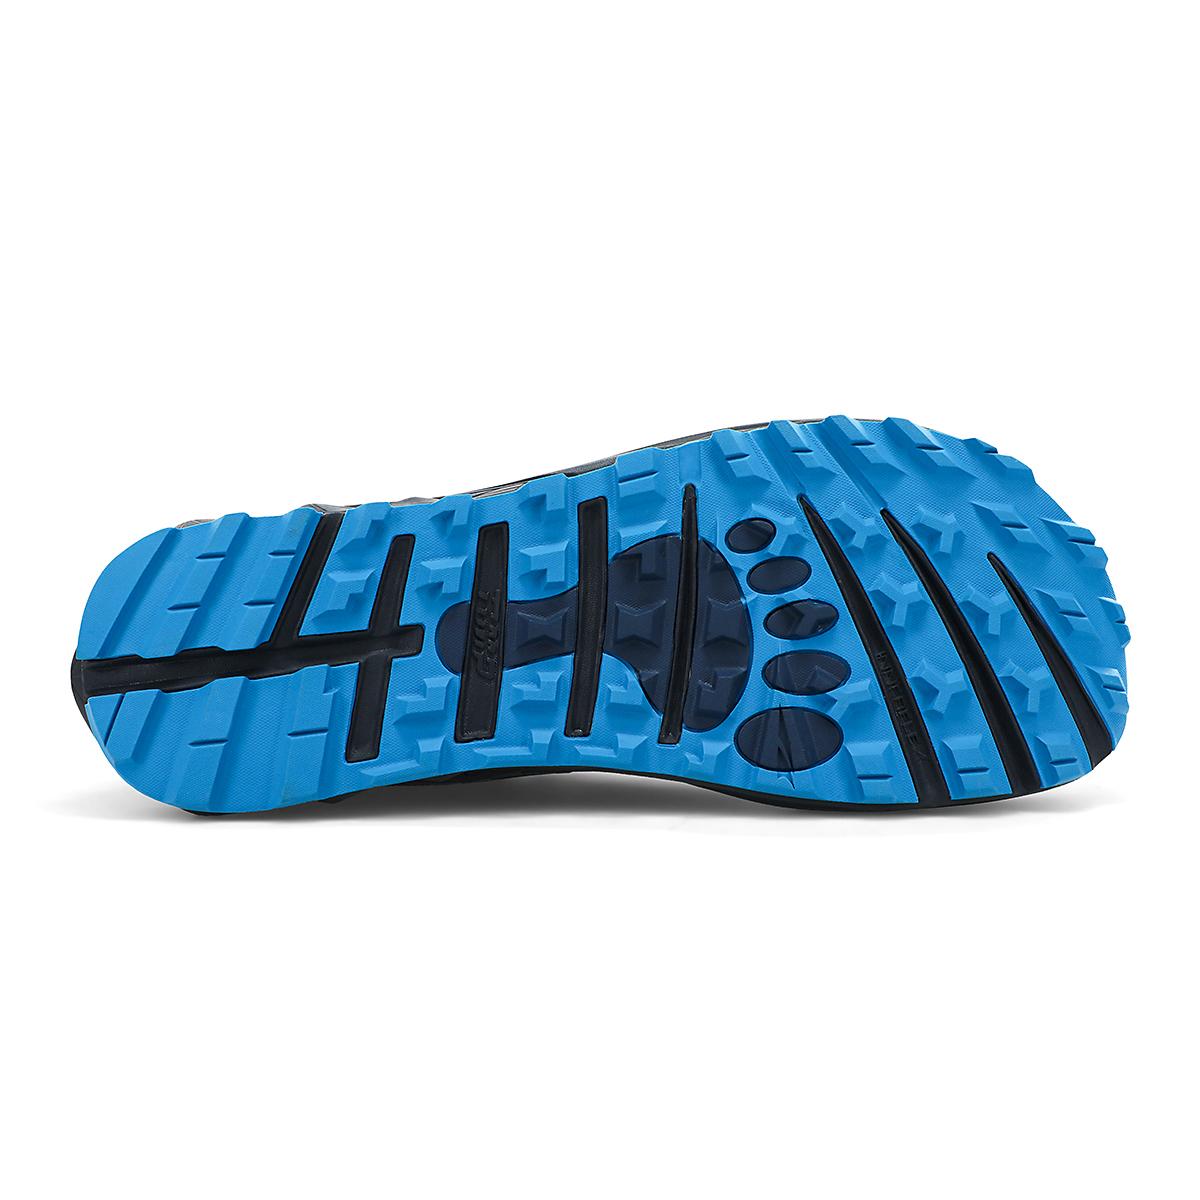 Men's Altra Timp 3 Trail Running Shoe - Color: Dark Blue - Size: 7 - Width: Regular, Dark Blue, large, image 4